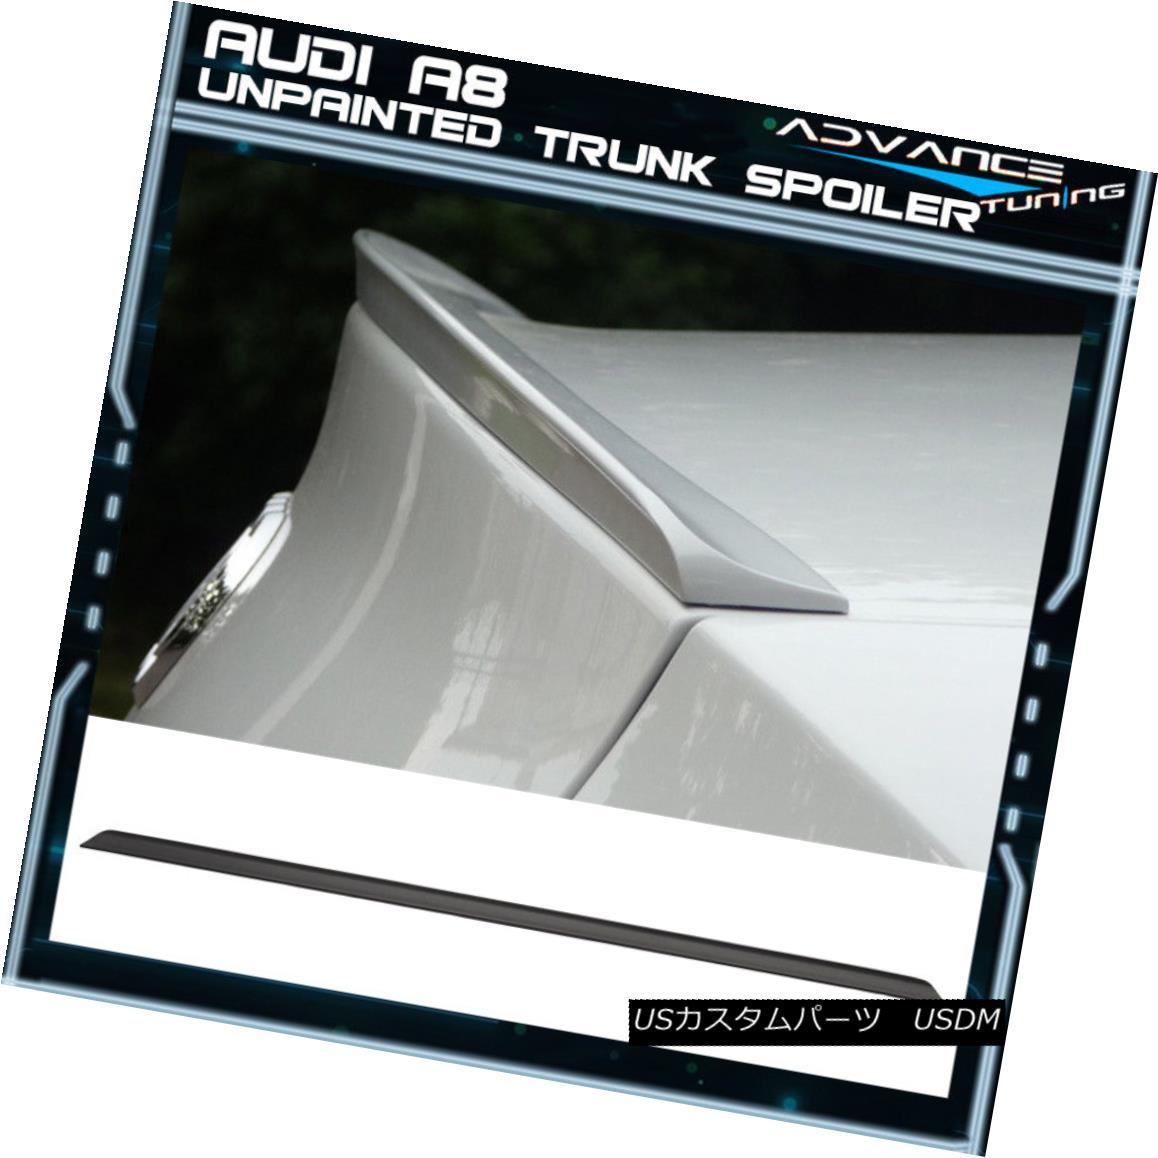 エアロパーツ 98-02 Audi A8 4Dr S Model PV Style Unpainted Black Trunk Spoiler - PUF 98-02アウディA8 4Dr SモデルPVスタイル未塗装ブラックトランク・スポイラー - PUF